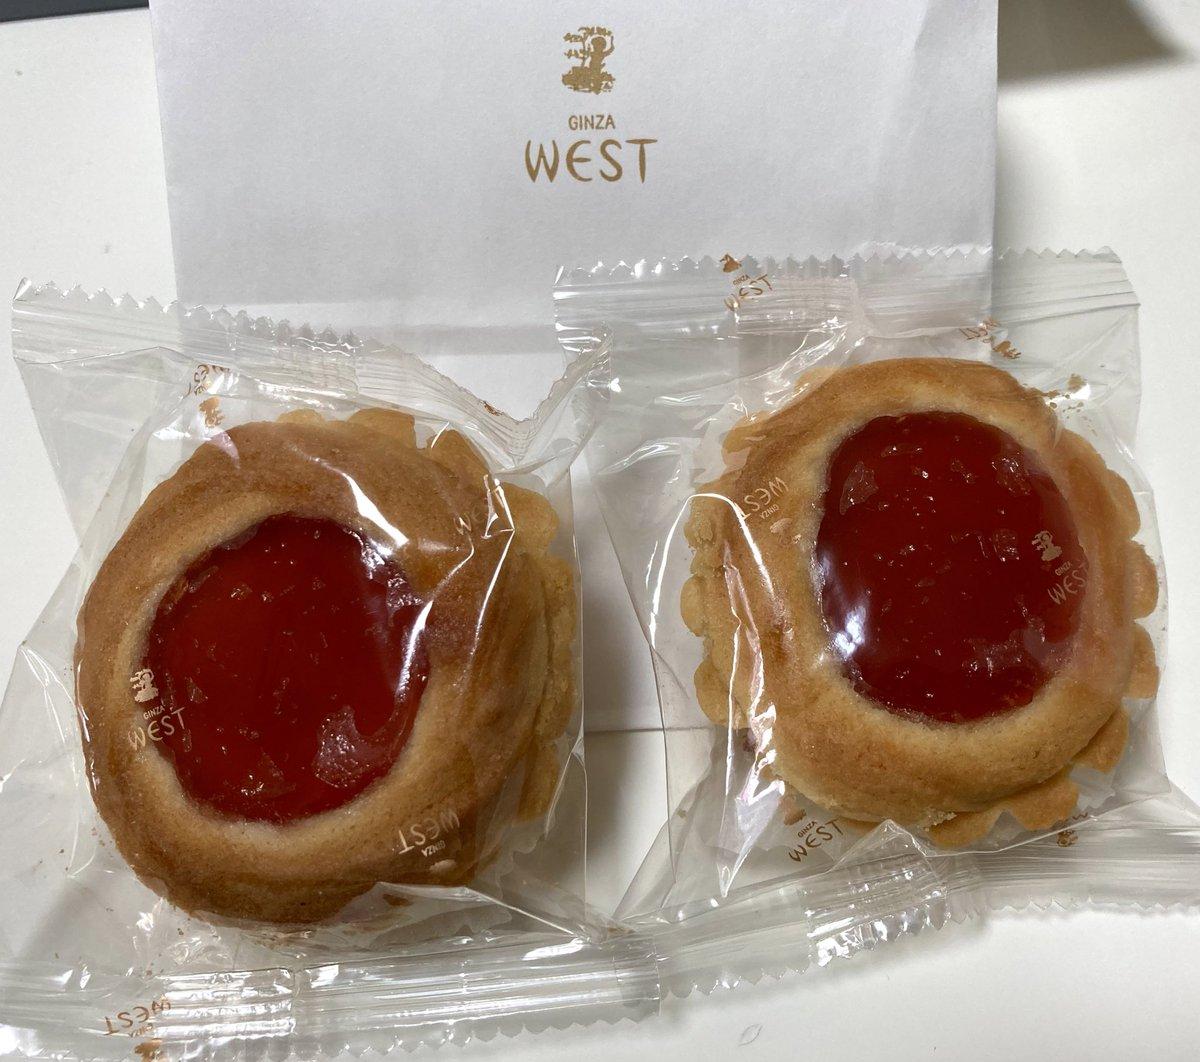 test ツイッターメディア - 銀座ウエスト WEST  ヴィクトリア 194円  通りすがりについ購入。だって美味しいんだもん。苺ジャムとホロホロサクサクのクッキーの絶妙なバランスが最高です。 色んなドライクッキーの詰め合わせもいいけど、贈答用にはヴィクトリア1種類だけのを選んでしまう。 https://t.co/eOAd06nJ6b